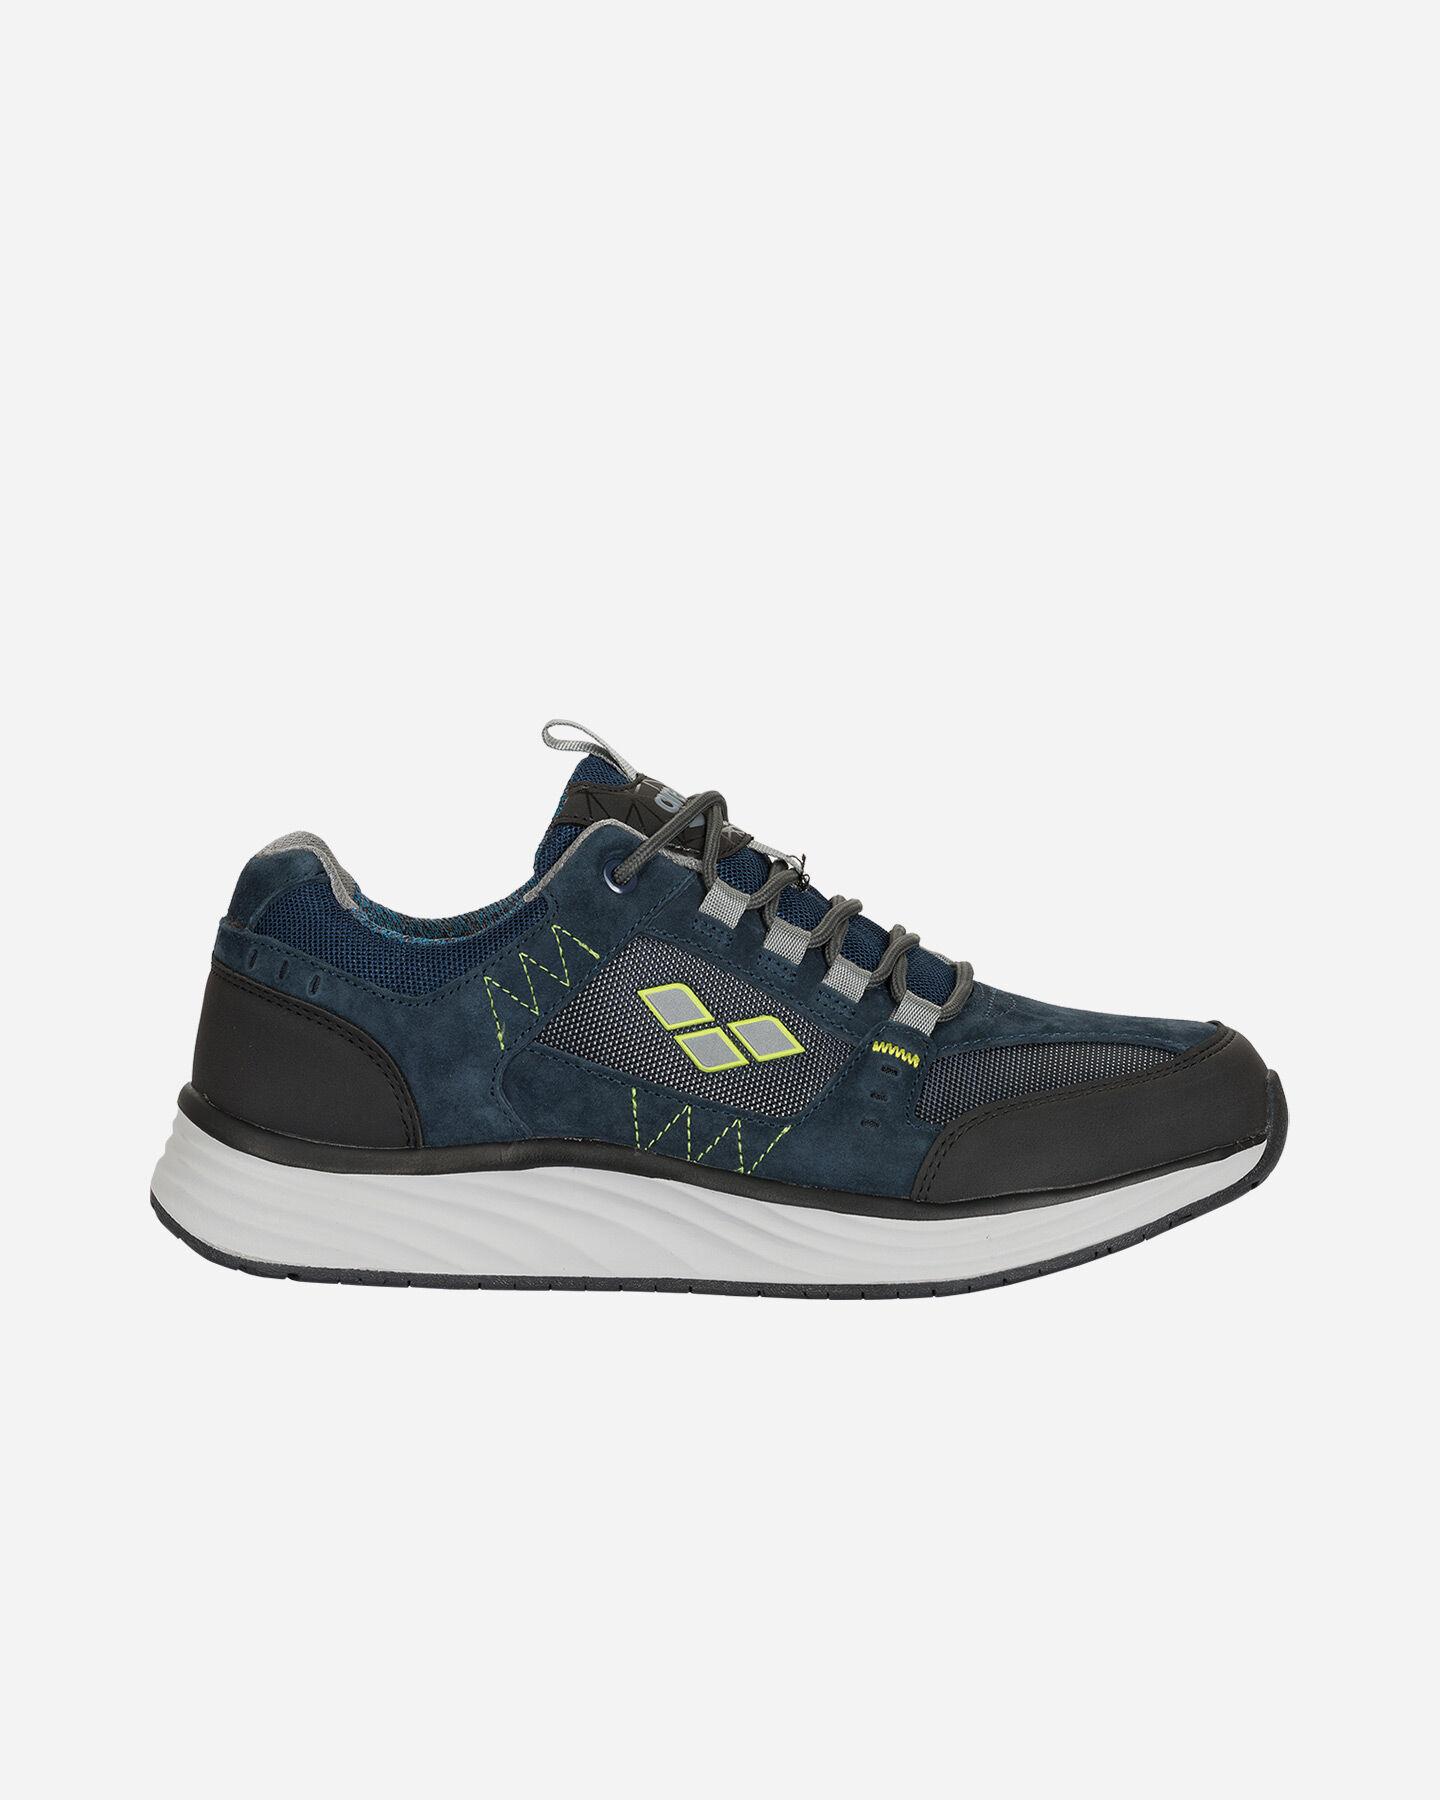 Scarpe sneakers ARENA FASTRACK LTH M S4083910 scatto 0